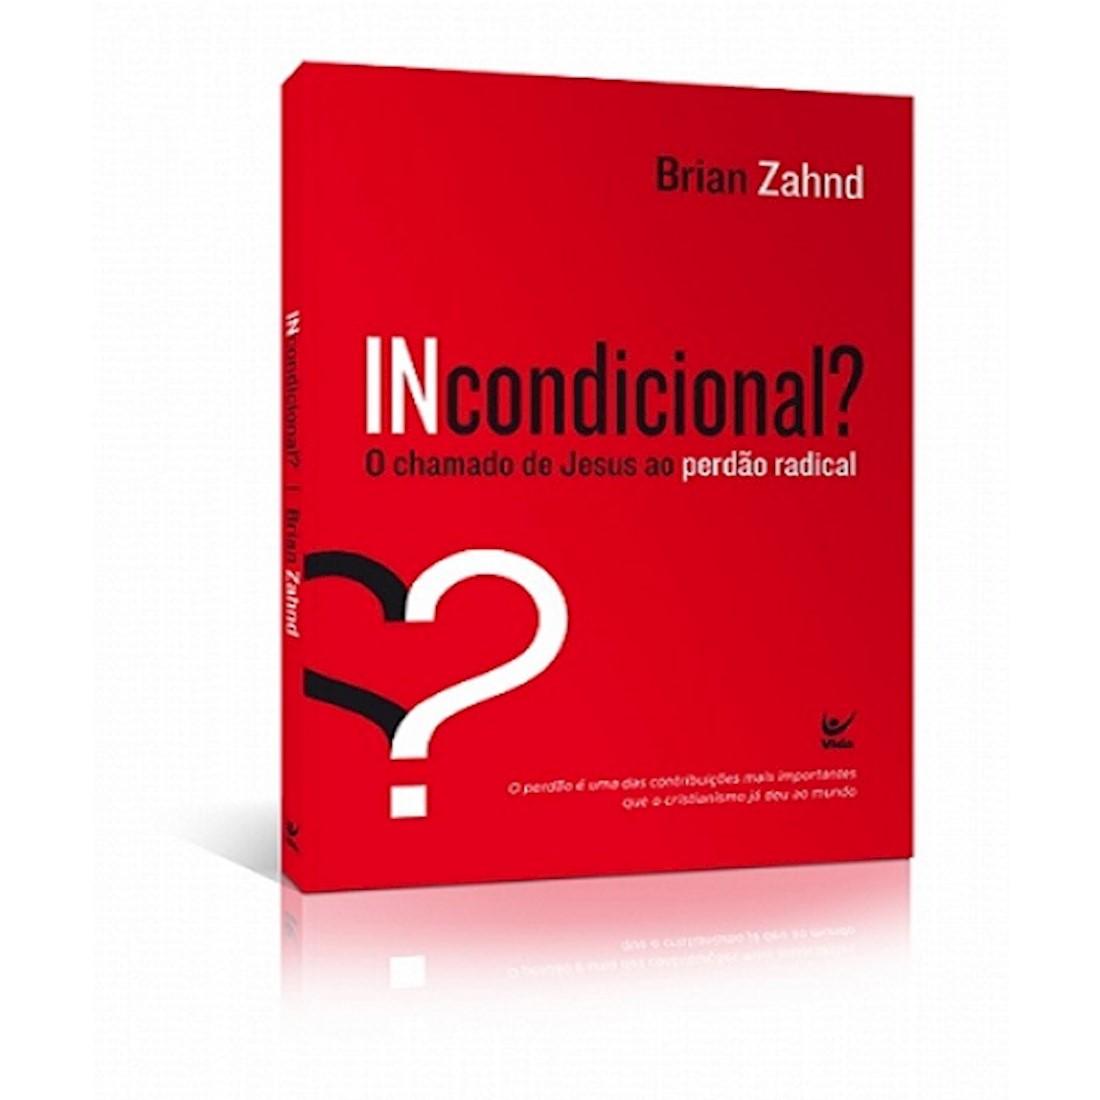 Livro INcondicional?